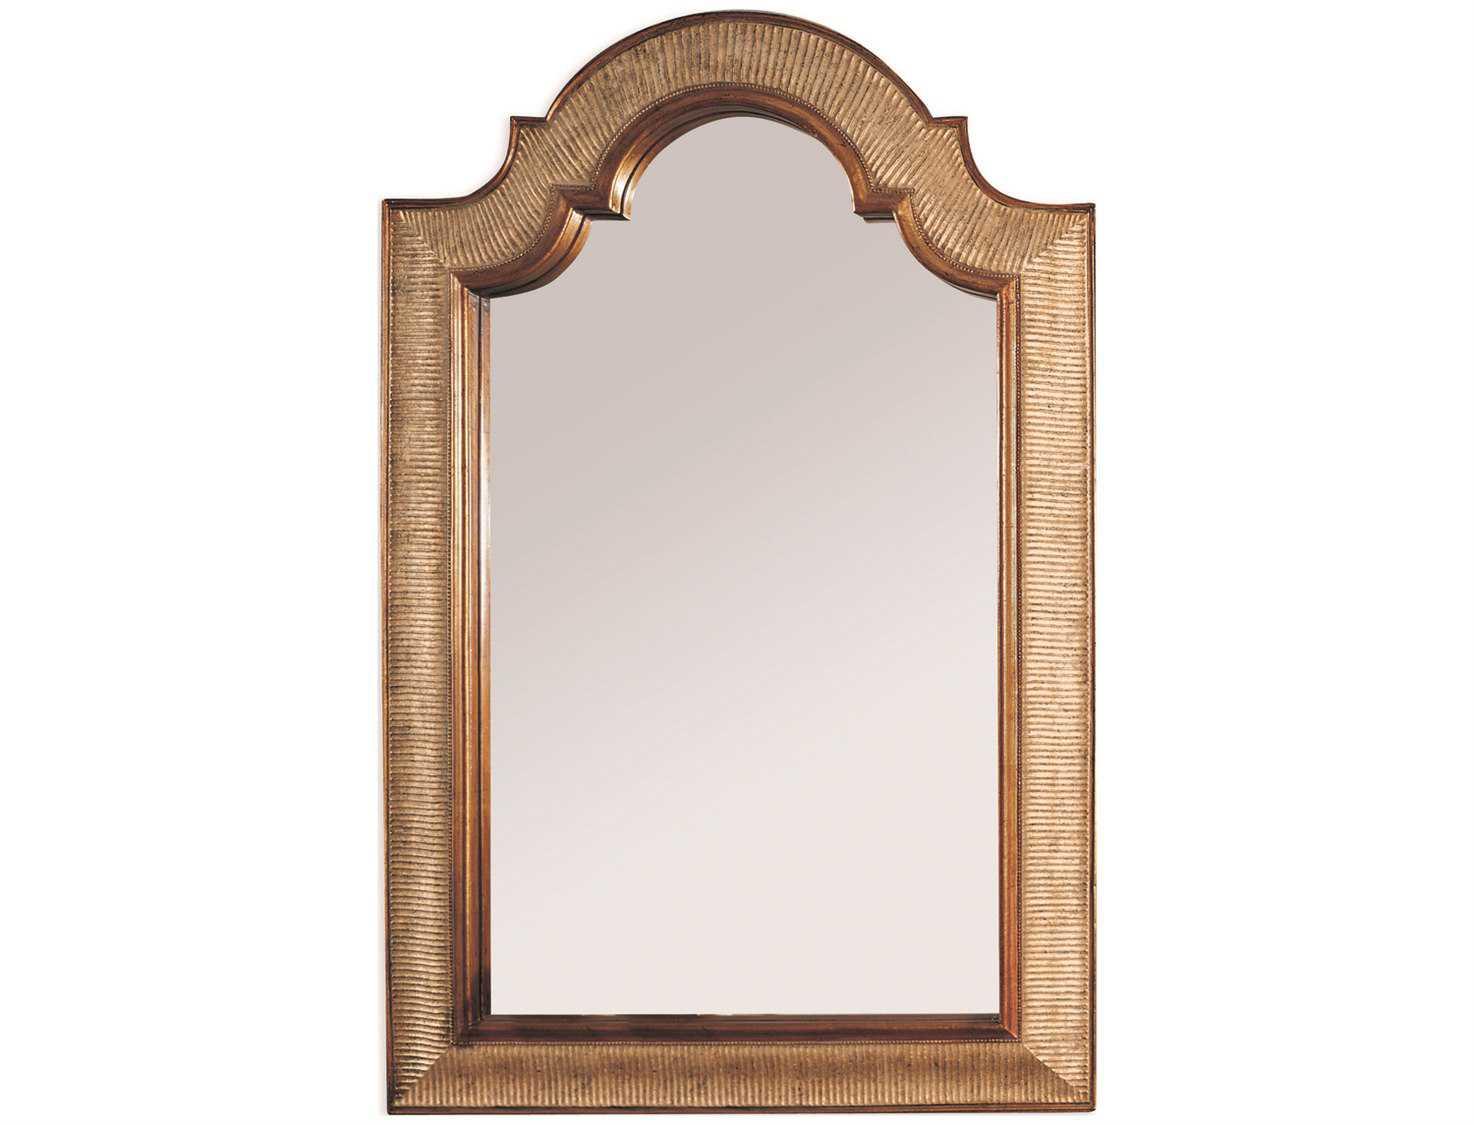 Bassett Mirror Old World 28 X 45 Silver & Gold Leaf